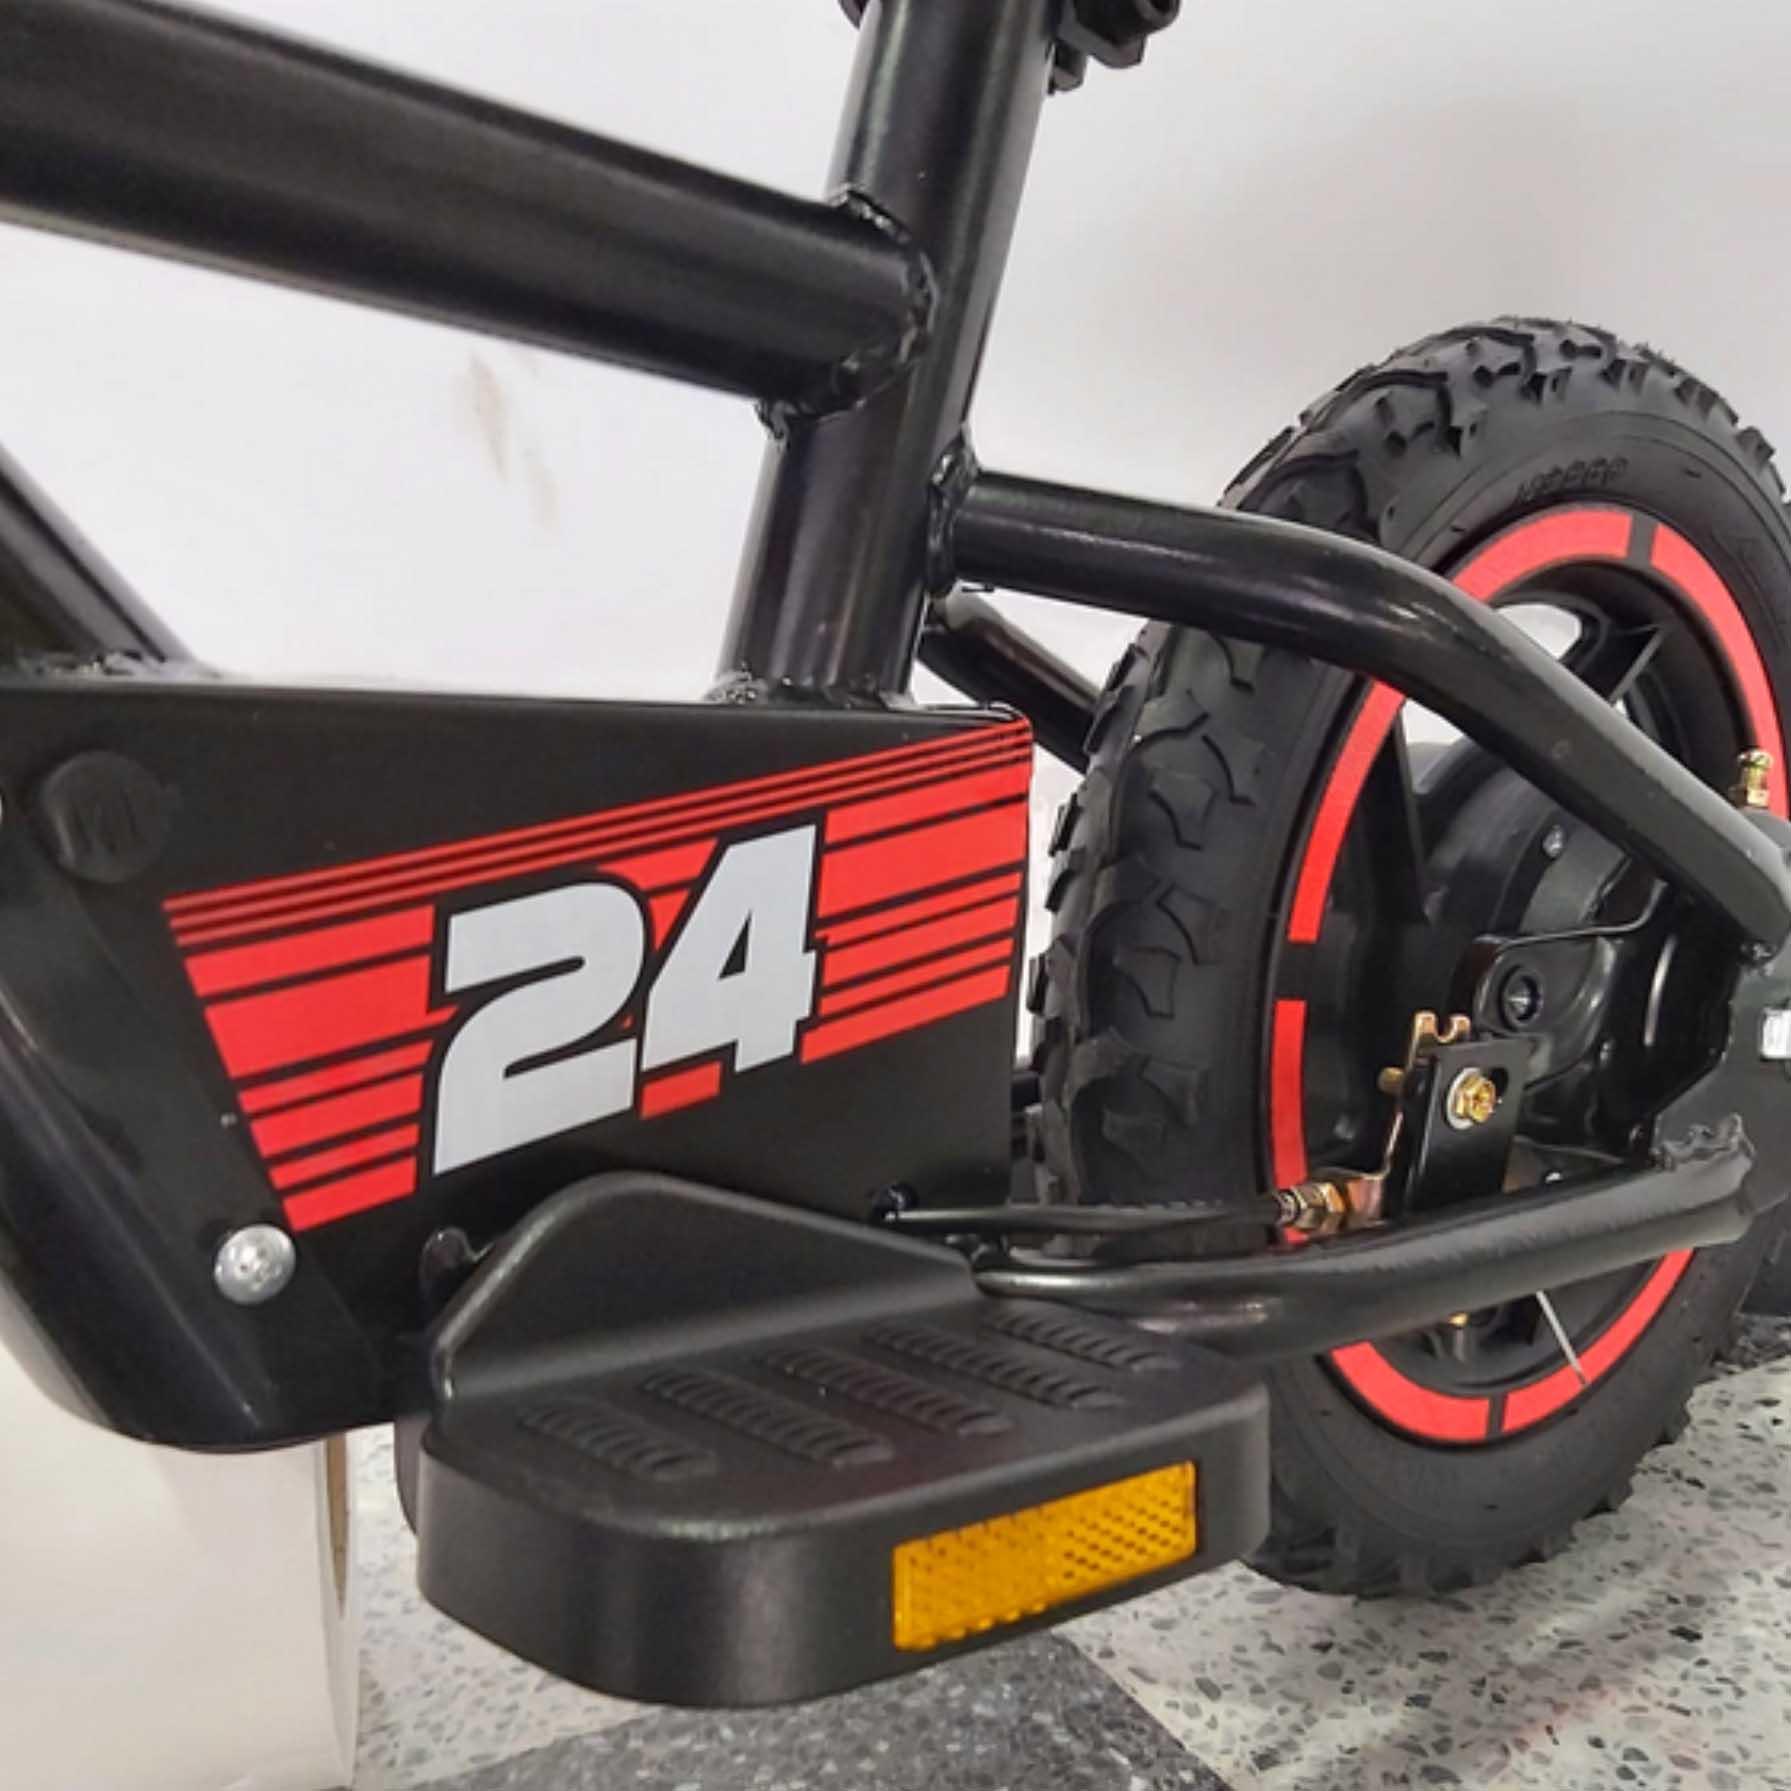 Bici203.jpg